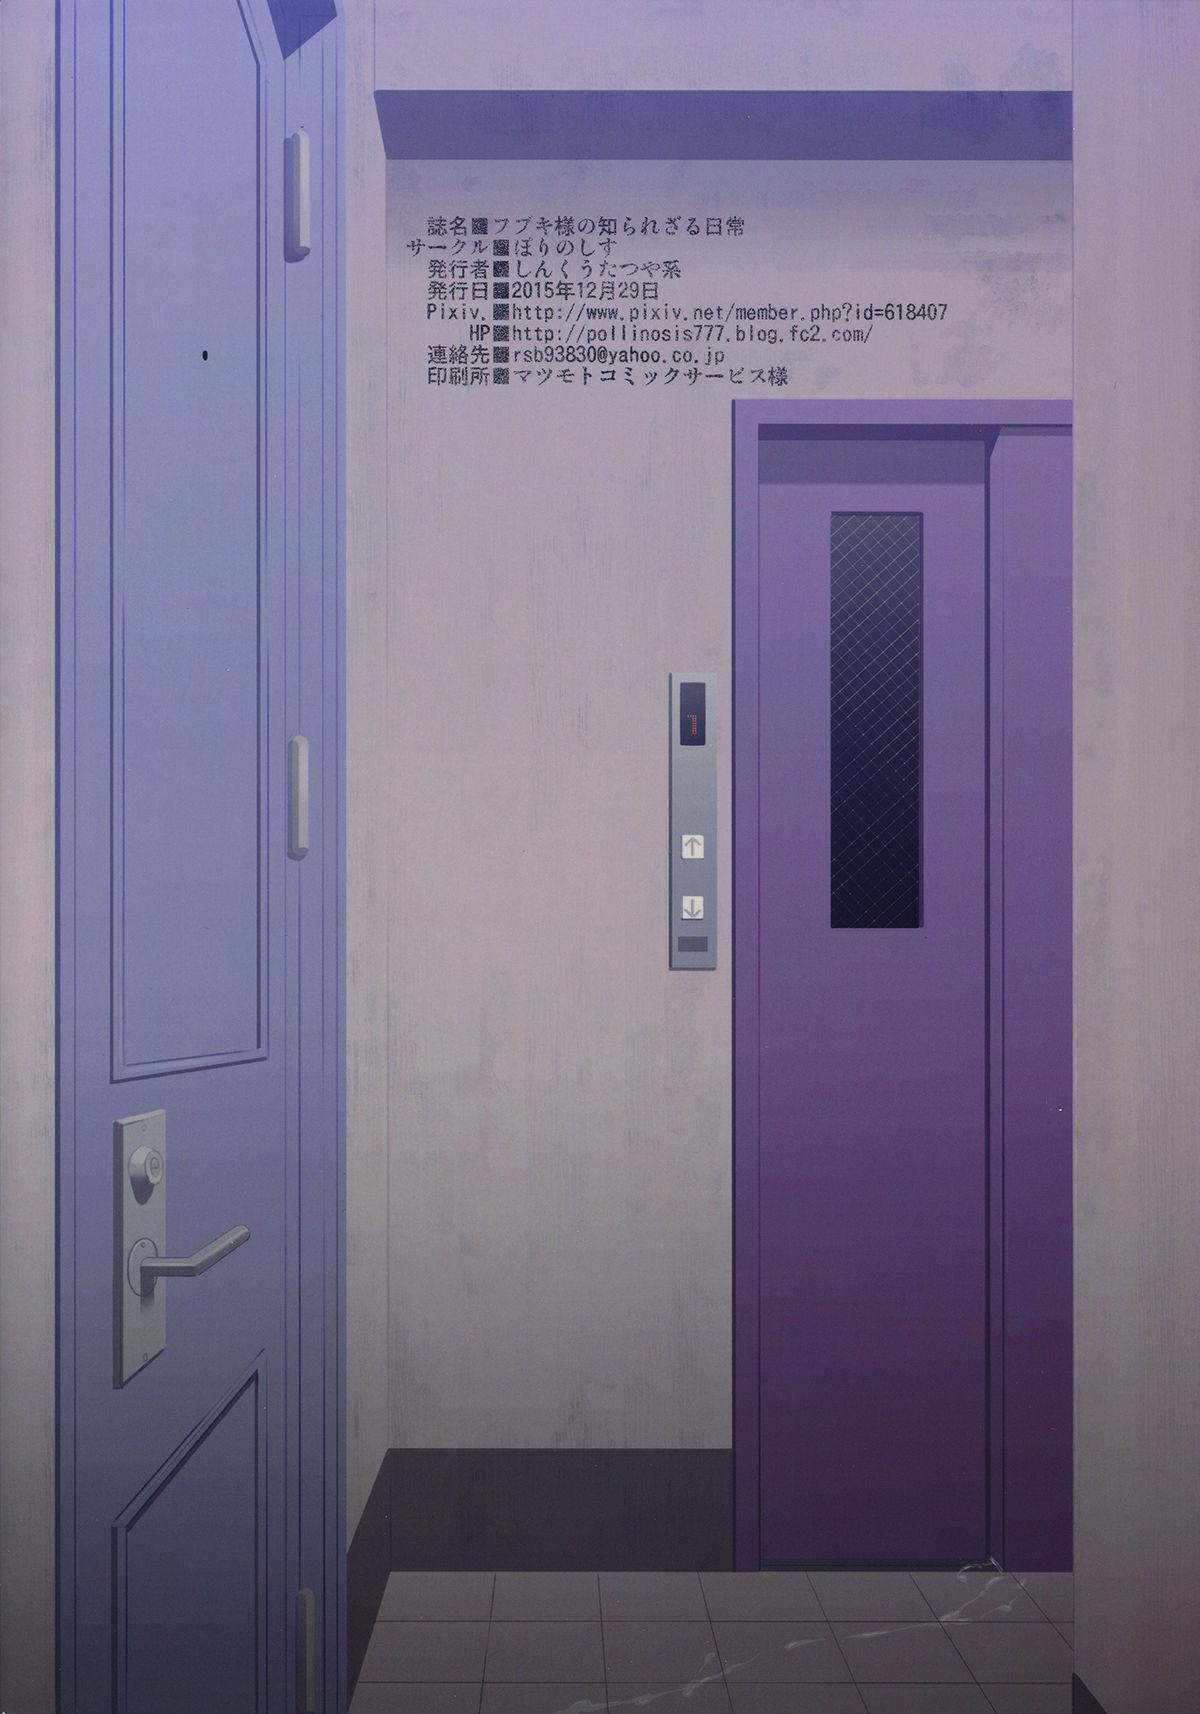 Fubuki-sama no Shirarezaru Nichijou 29